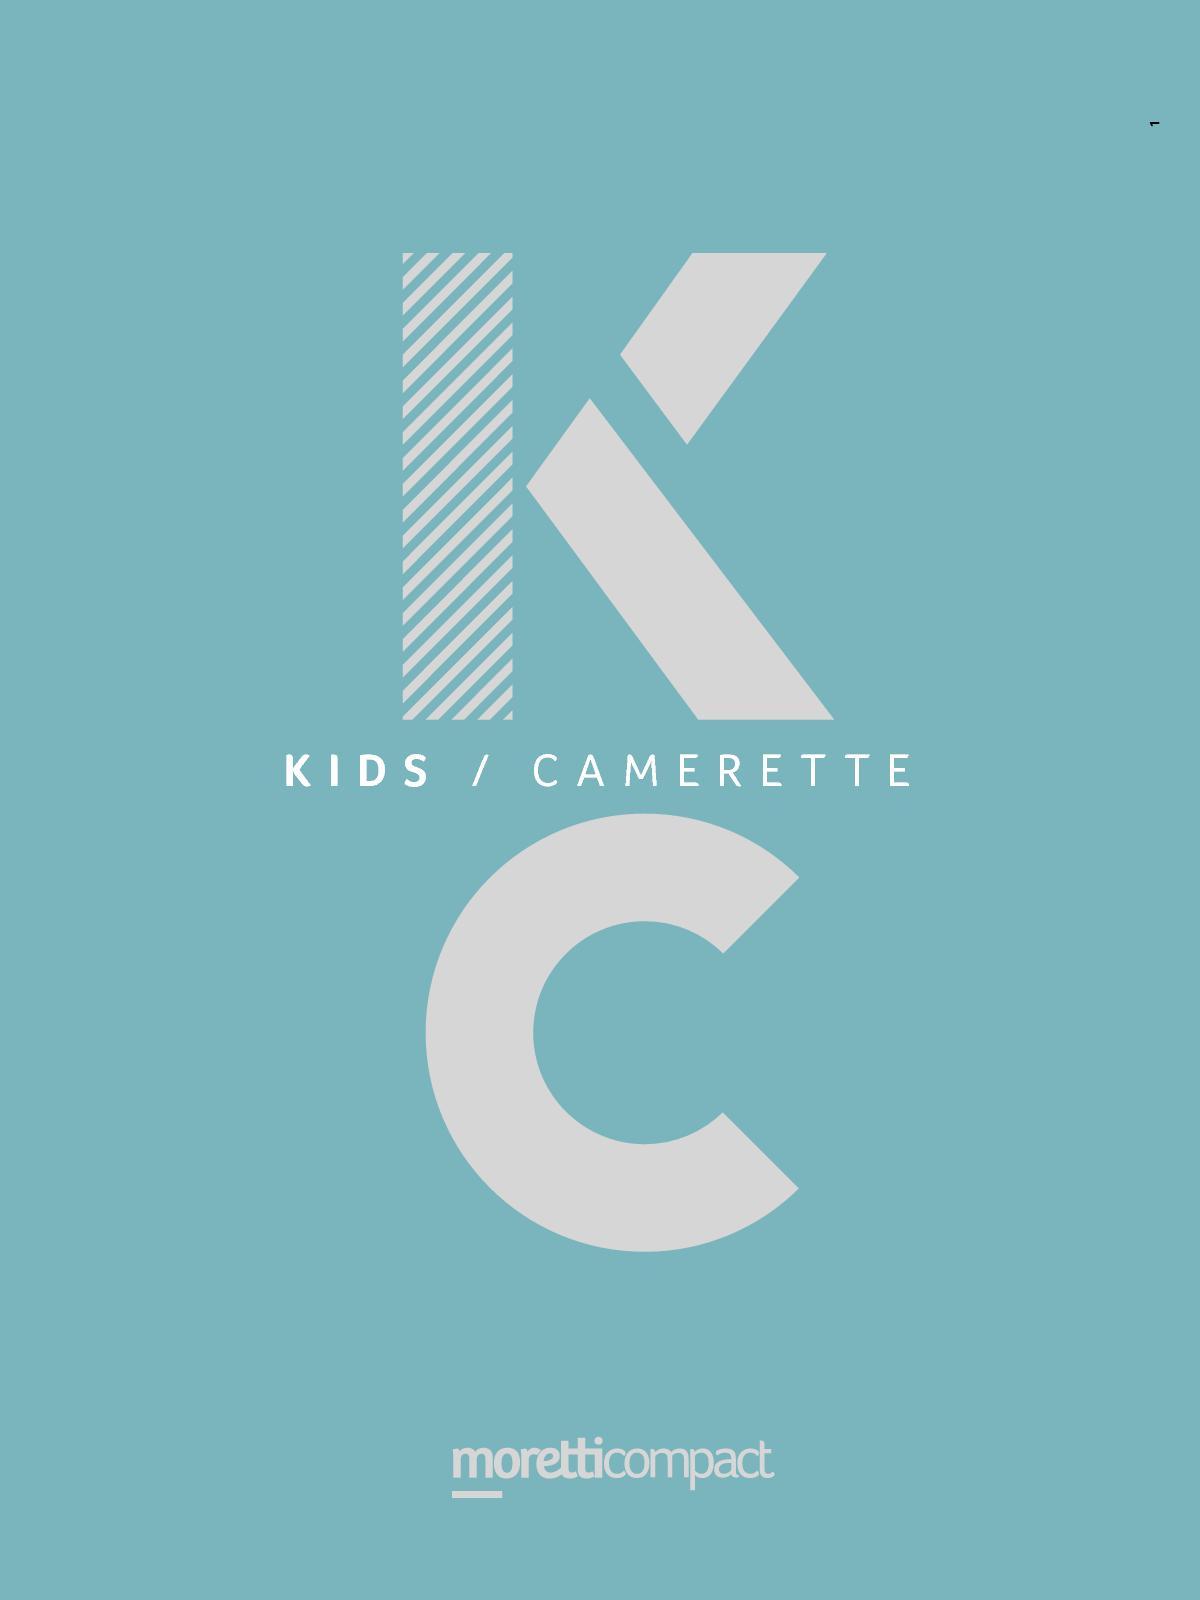 Quanto Costa Una Cameretta Moretti.Calameo Moretti Compact Kids Collection